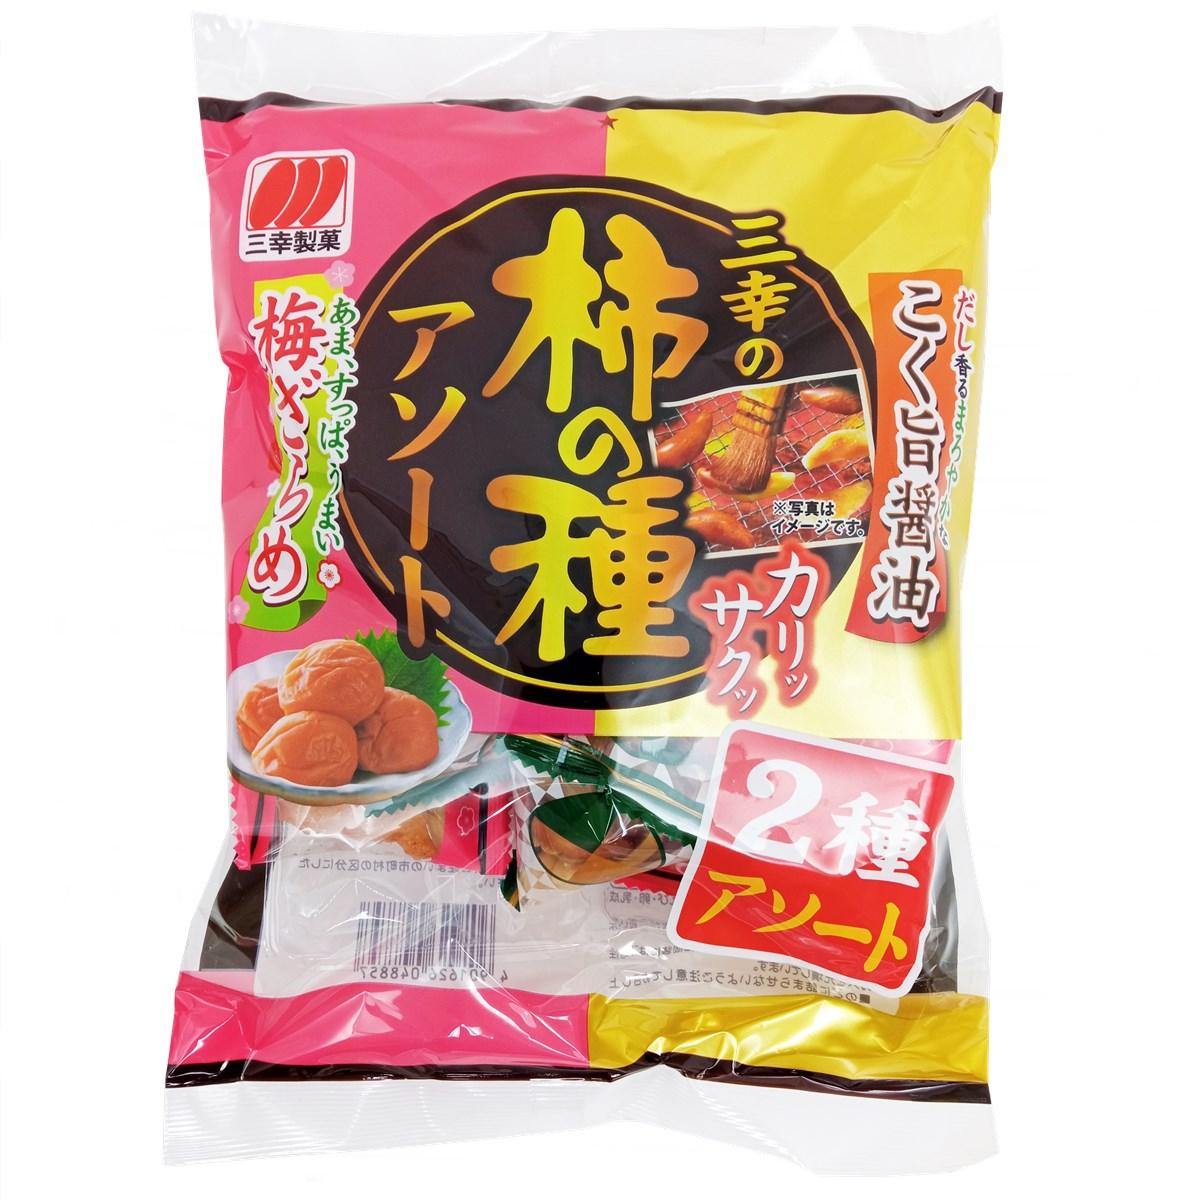 Biscoito Sortido Kaki no Tane 58g - Sanko